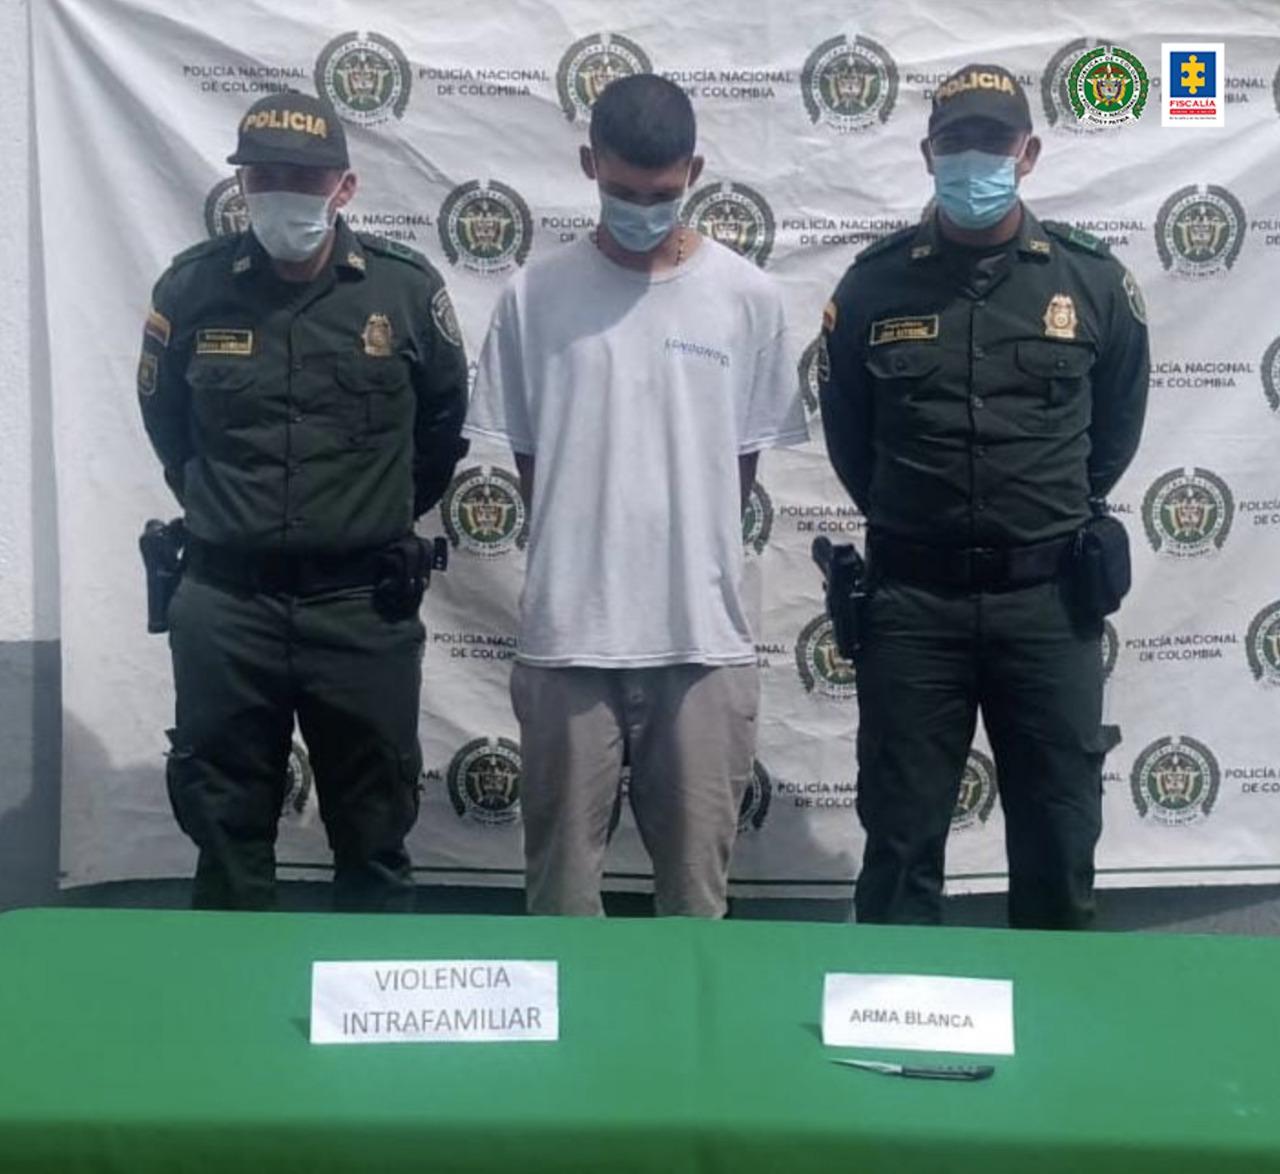 Por maltratar y amenazar a su progenitora envían a prisión a un hombre - Noticias de Colombia